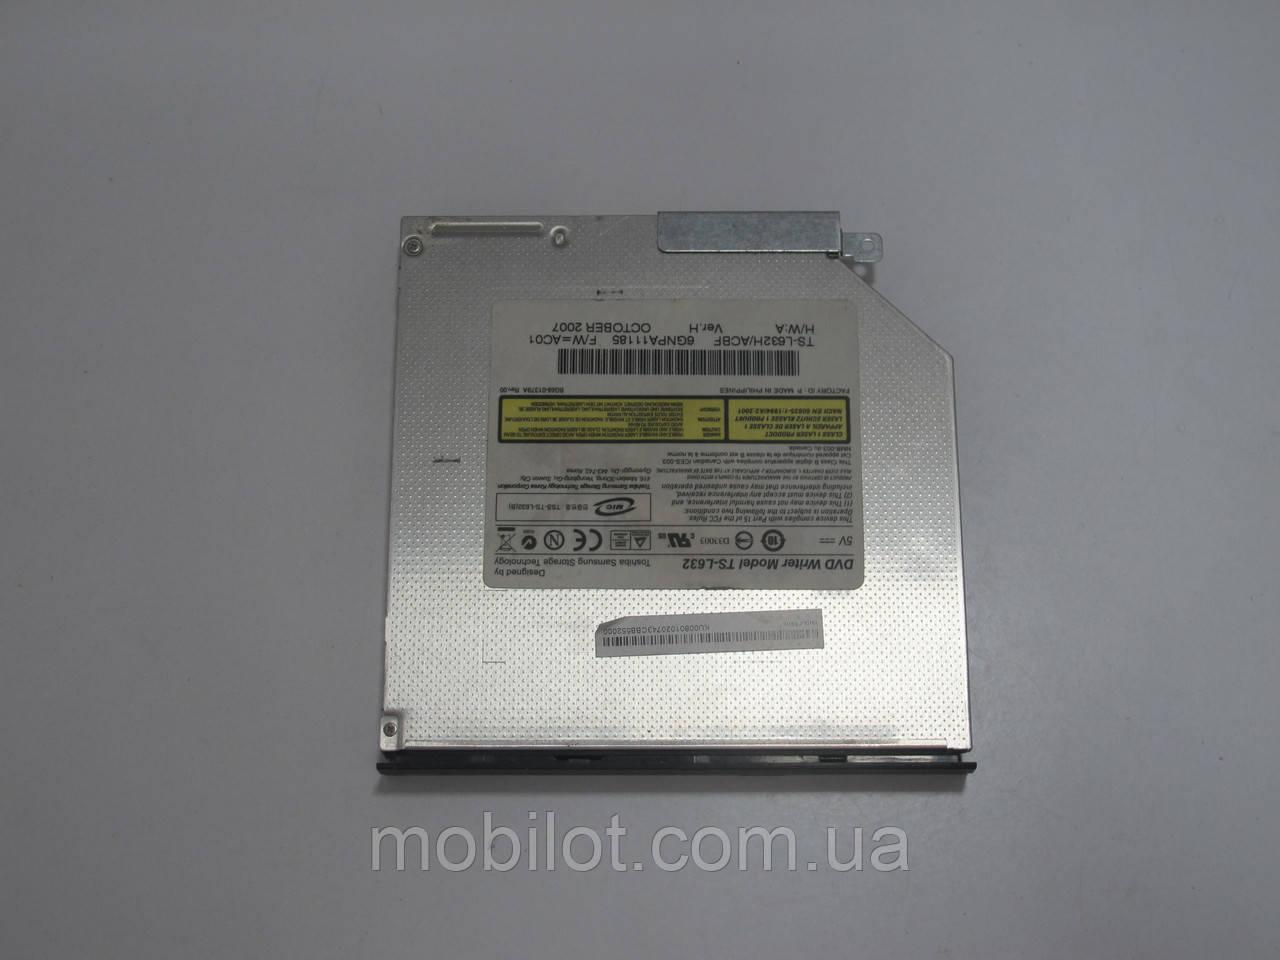 Оптический привод Acer 4220 (NZ-6526)